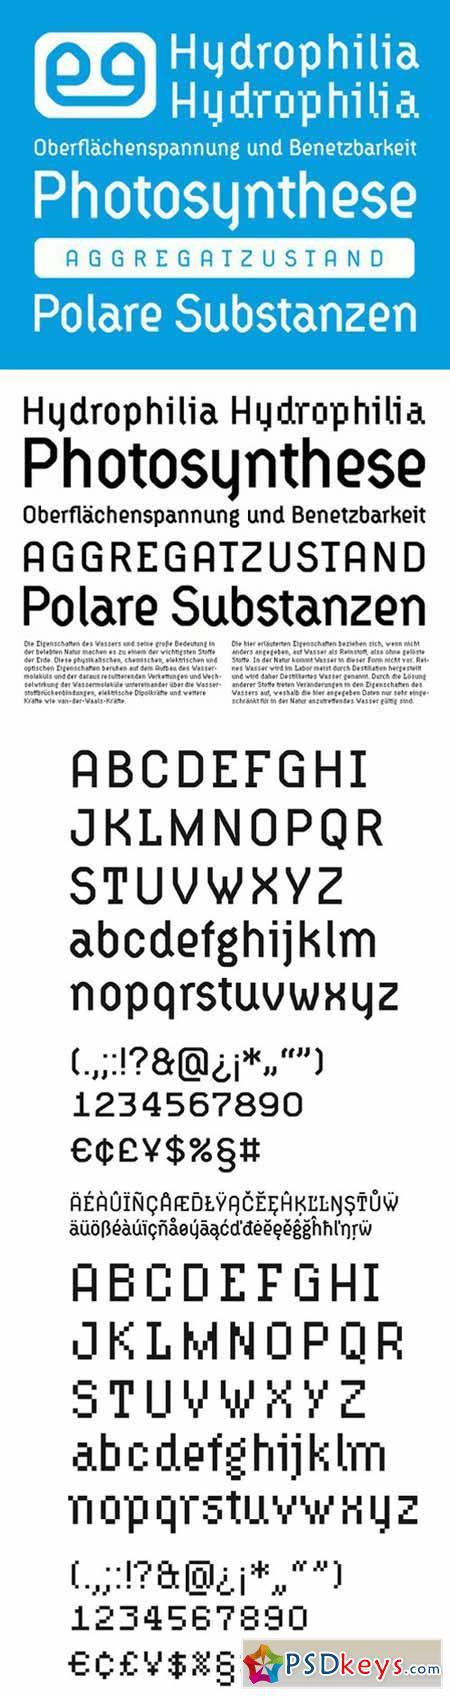 Typeface Hydrophilia